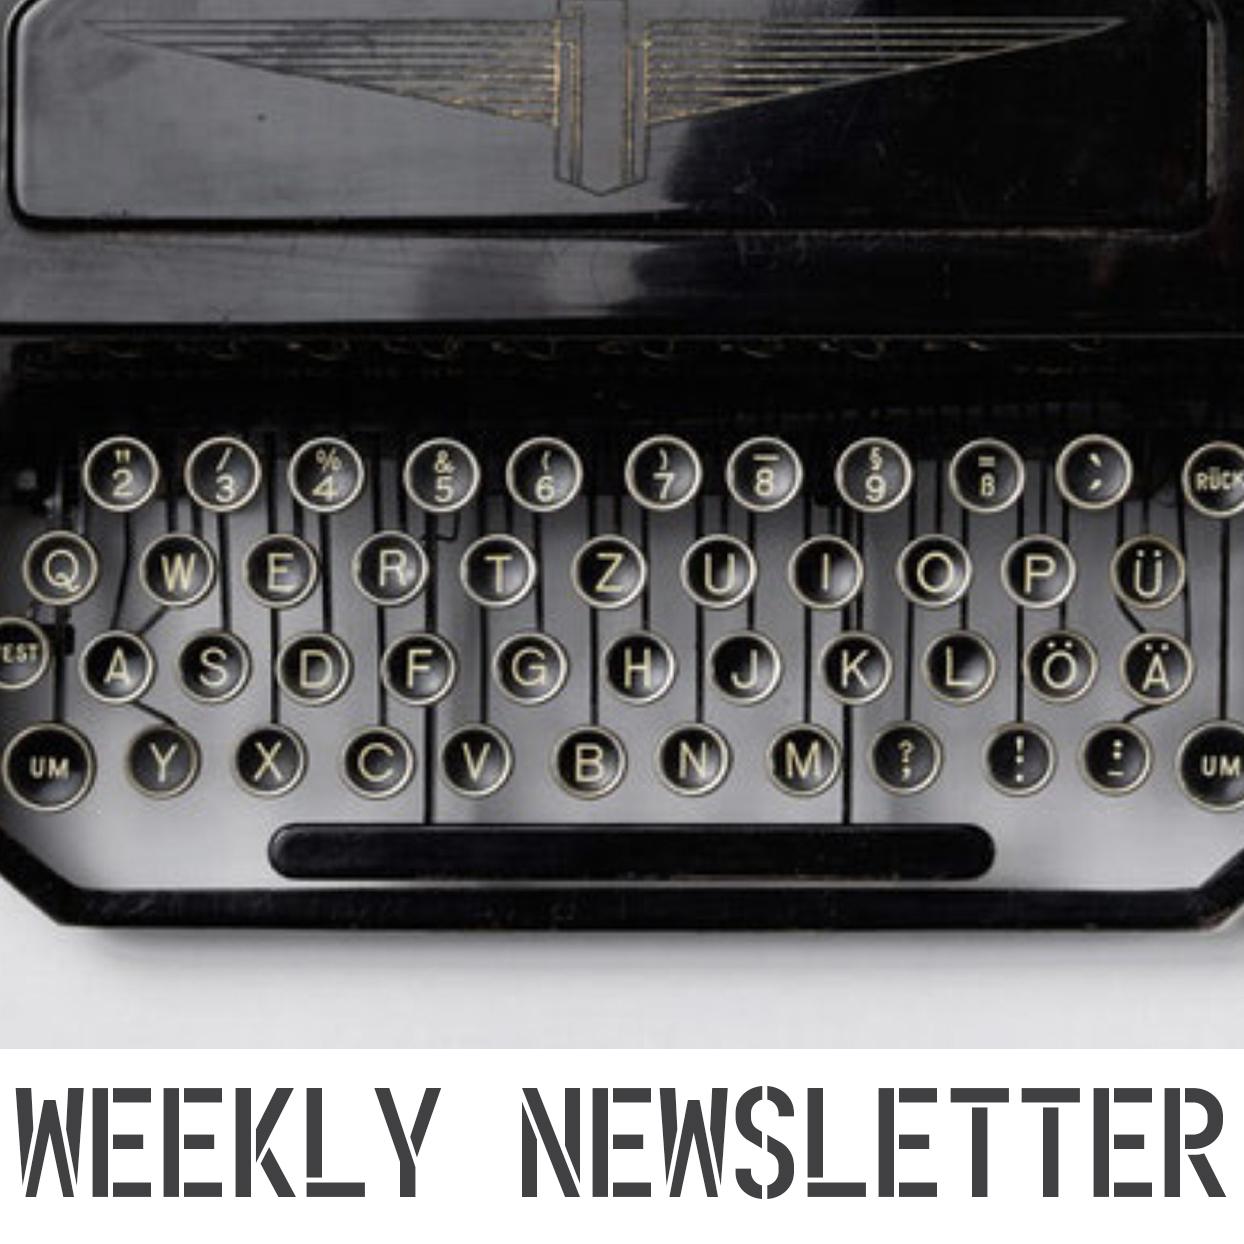 newsletter202.jpg